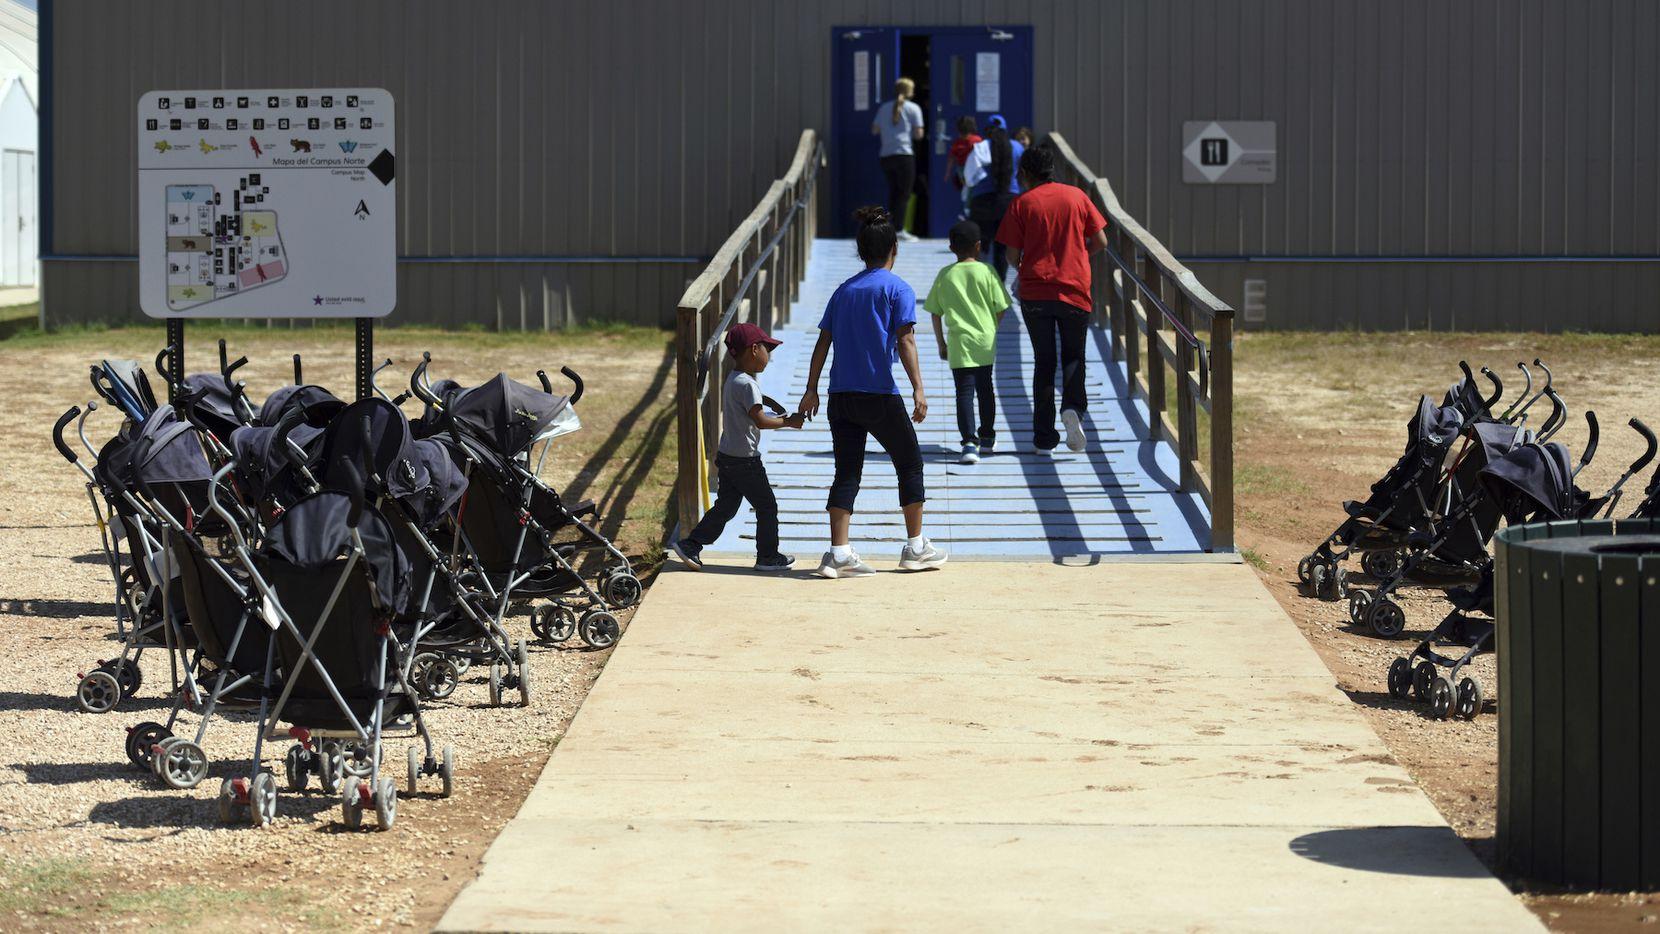 La instalación de South Texas Family Residential Center en Dilley, Texas, donde autoridades de inmigración albergan a menores migrantes. AP